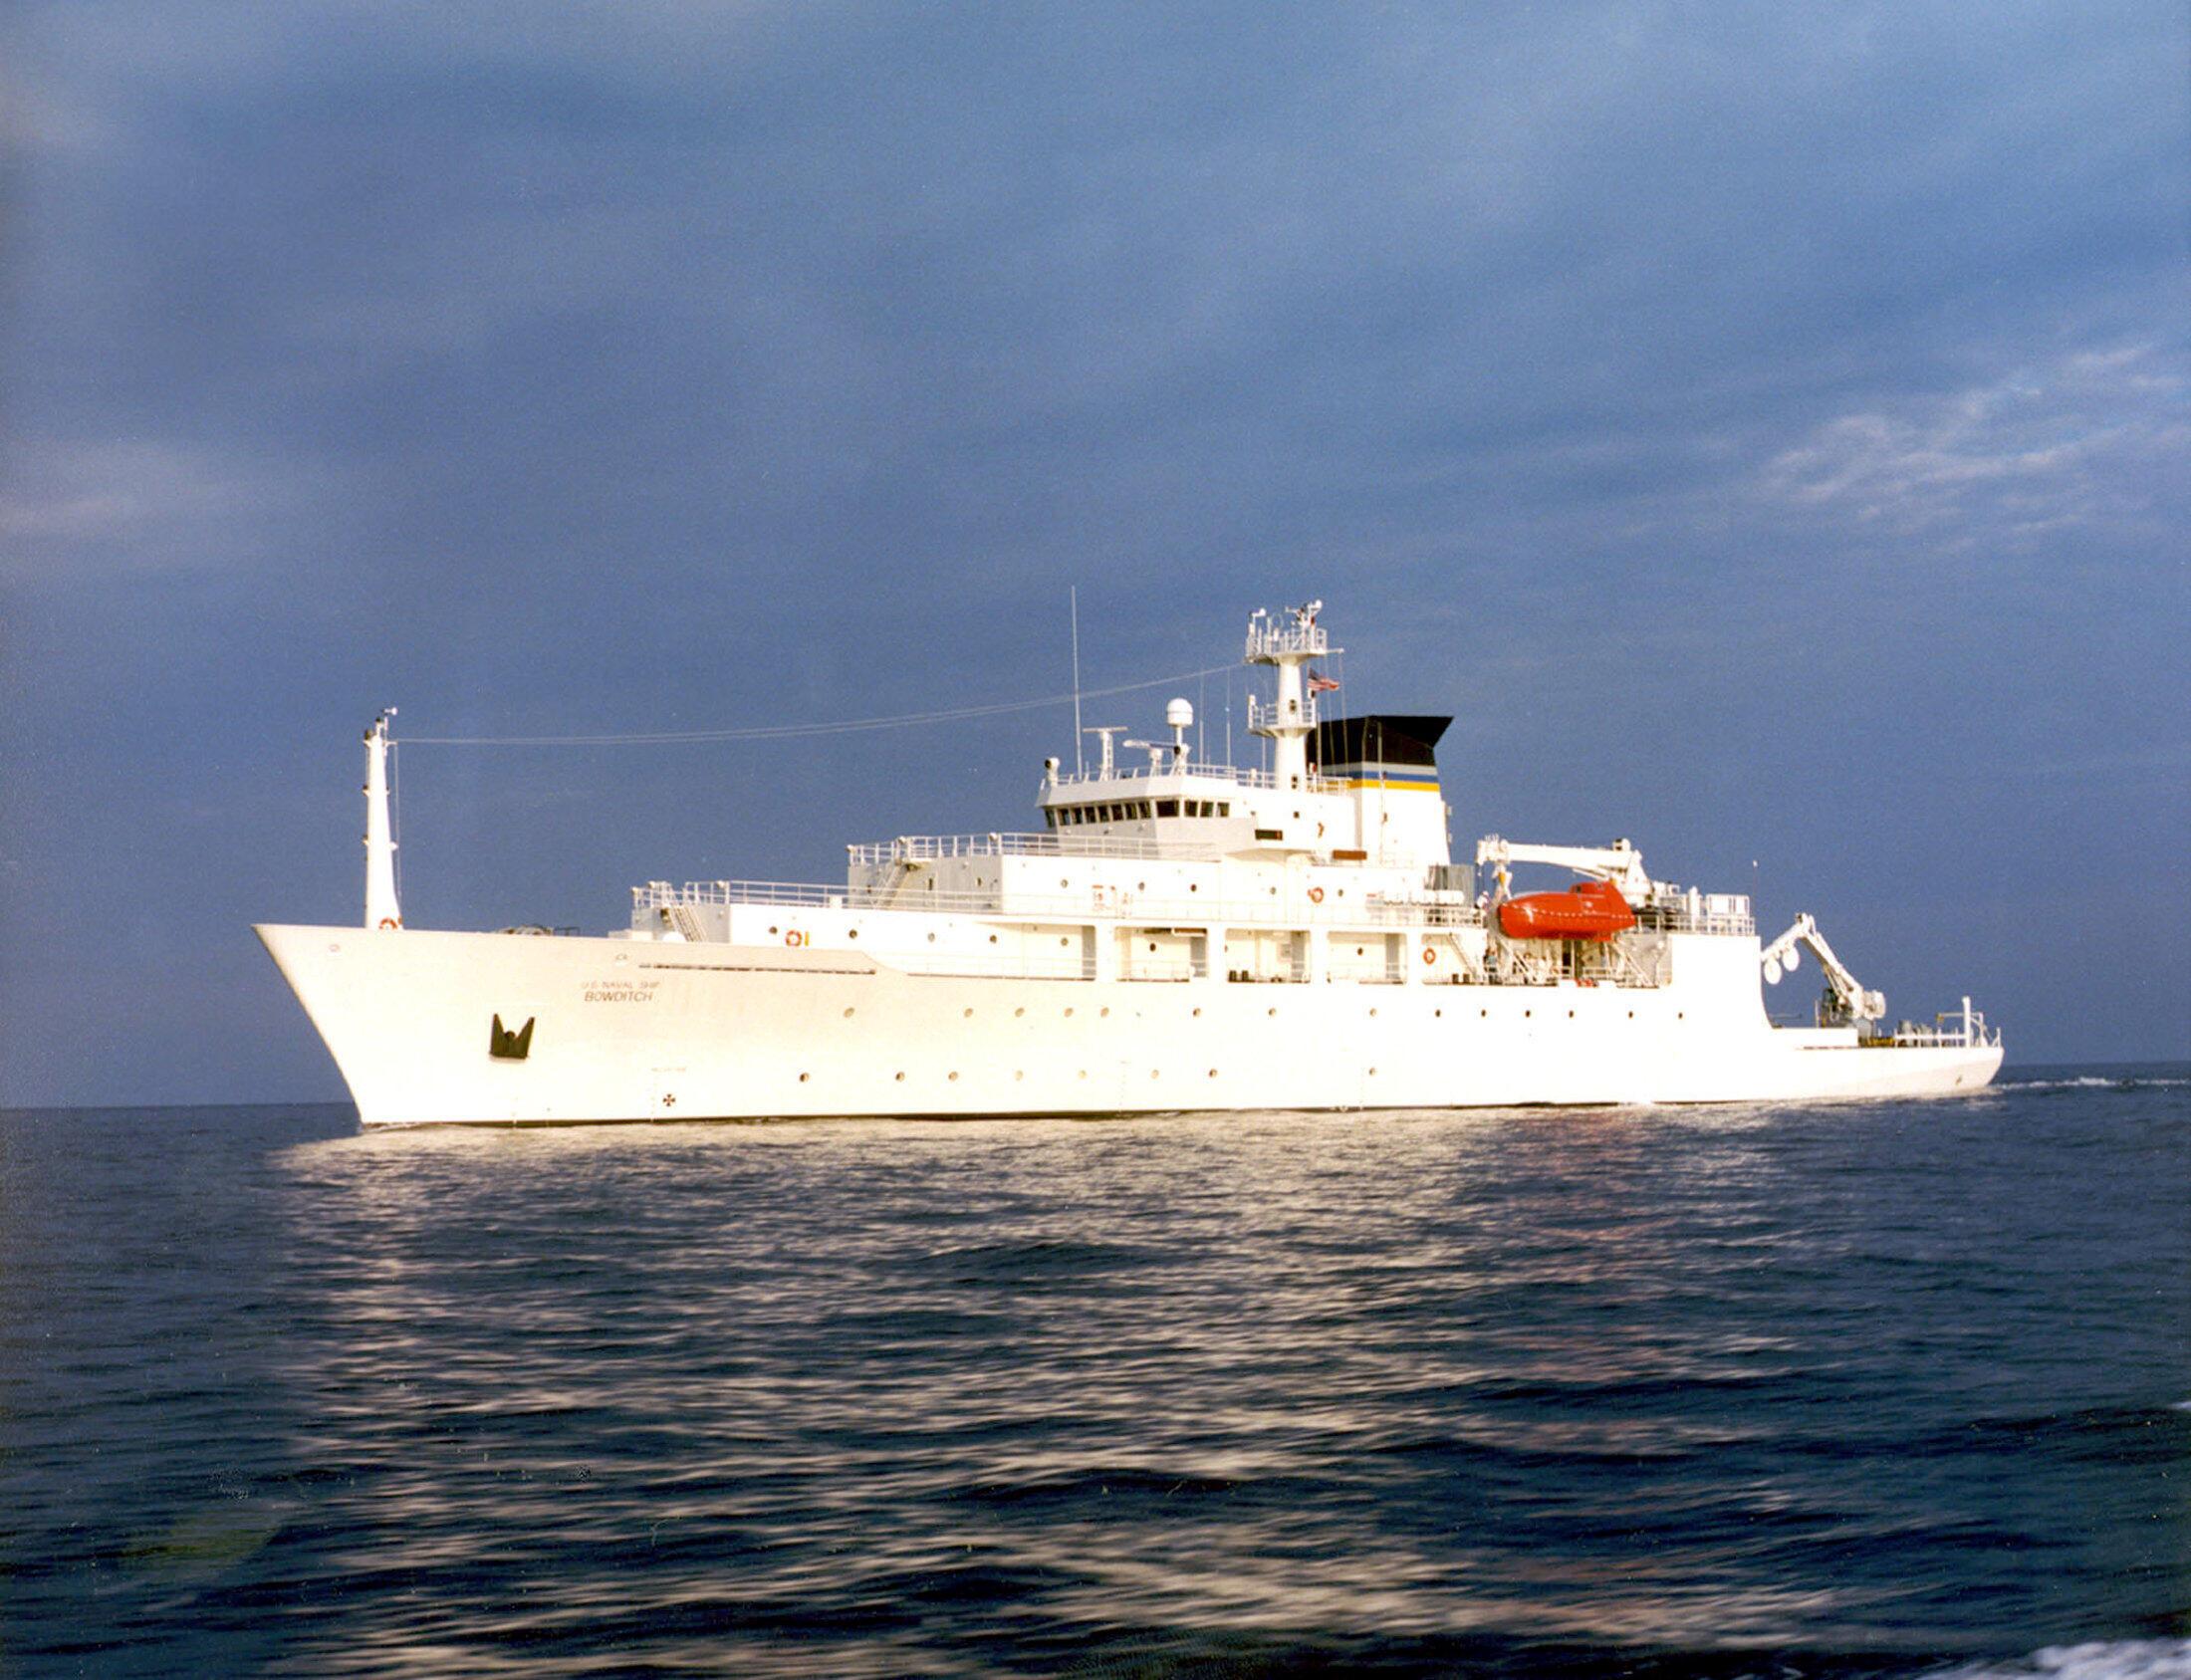 Tàu thăm dò hải dương của Mỹ USNS Bowditch.